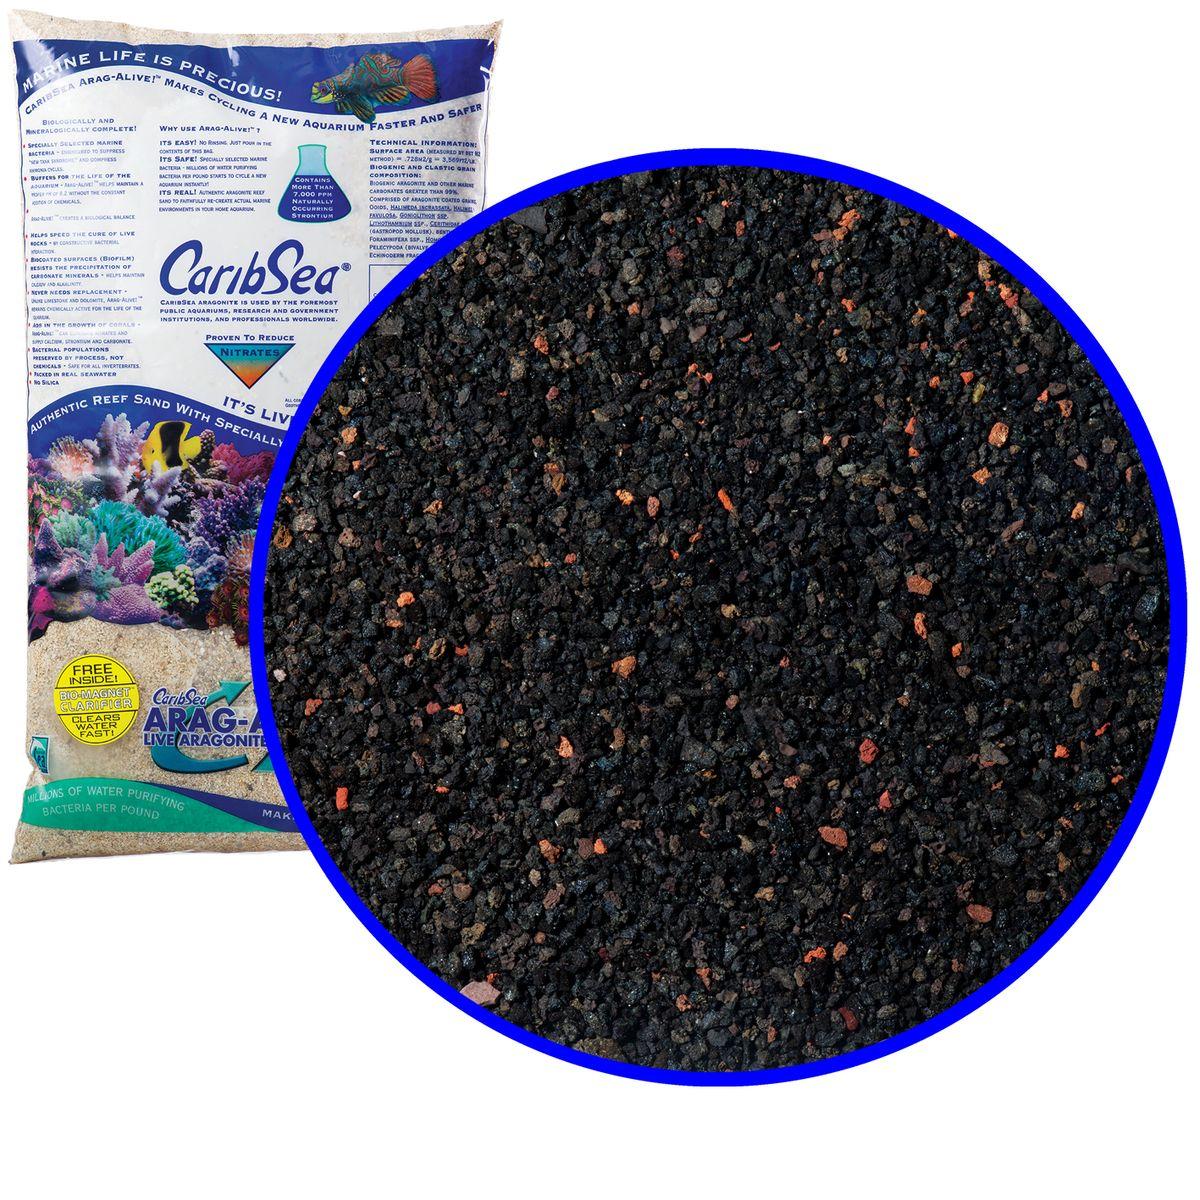 Аквагрунт морской HAVAIIAN BLACK черн/кр 0,25-3,5мм/9кг00797Arag-Alive! ™ - экологически точные грунты, разработаны в результате сотрудничества CaribSea с известными Аквариумами и Зоопарками, у которых подлинность морского пейзажа является обязательной. Грунты Arag-Alive! ™ готовы к использованию, позволяют легко настроить аквариум, содержат миллионы живых бактерий и создают естественный биологический баланс. Arag-Alive! ™ подавляет опасный синдром нового аквариума, сжимает цикл аммиака, и препятствует росту водорослей. Материал: Грунт